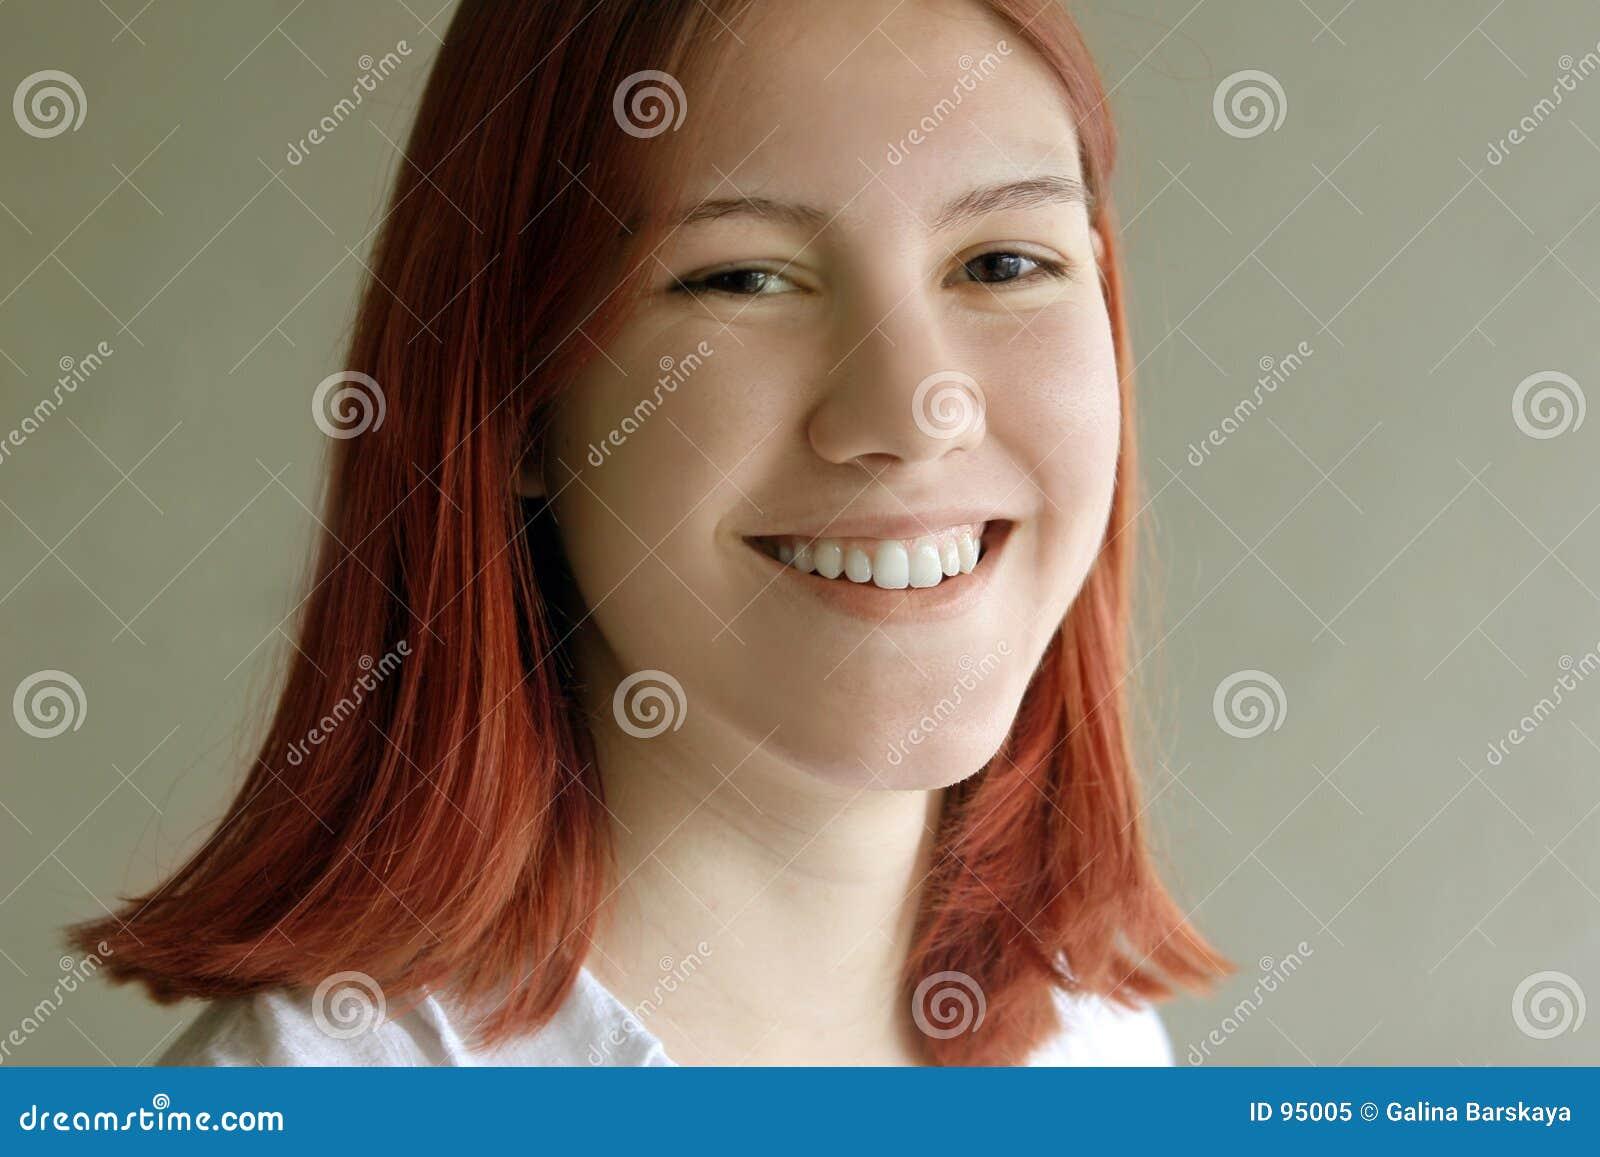 少年女孩的红头发人